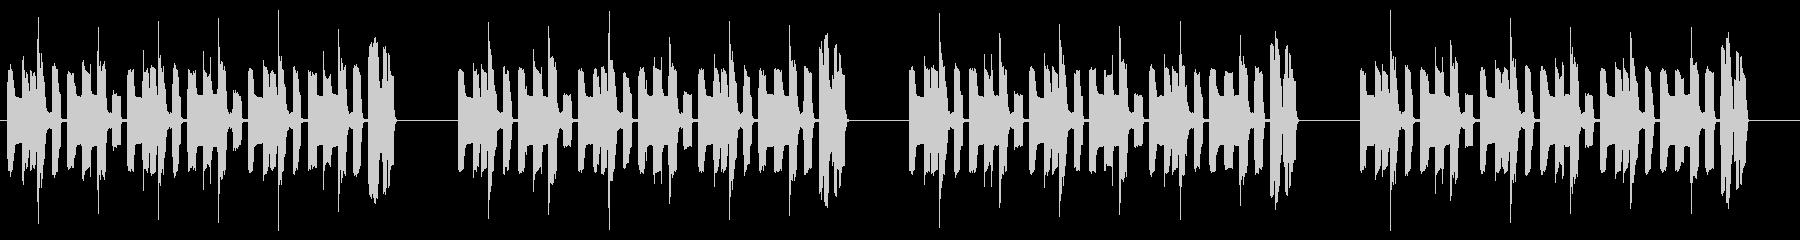 テレビゲーム ゲーム レガシー チープの未再生の波形